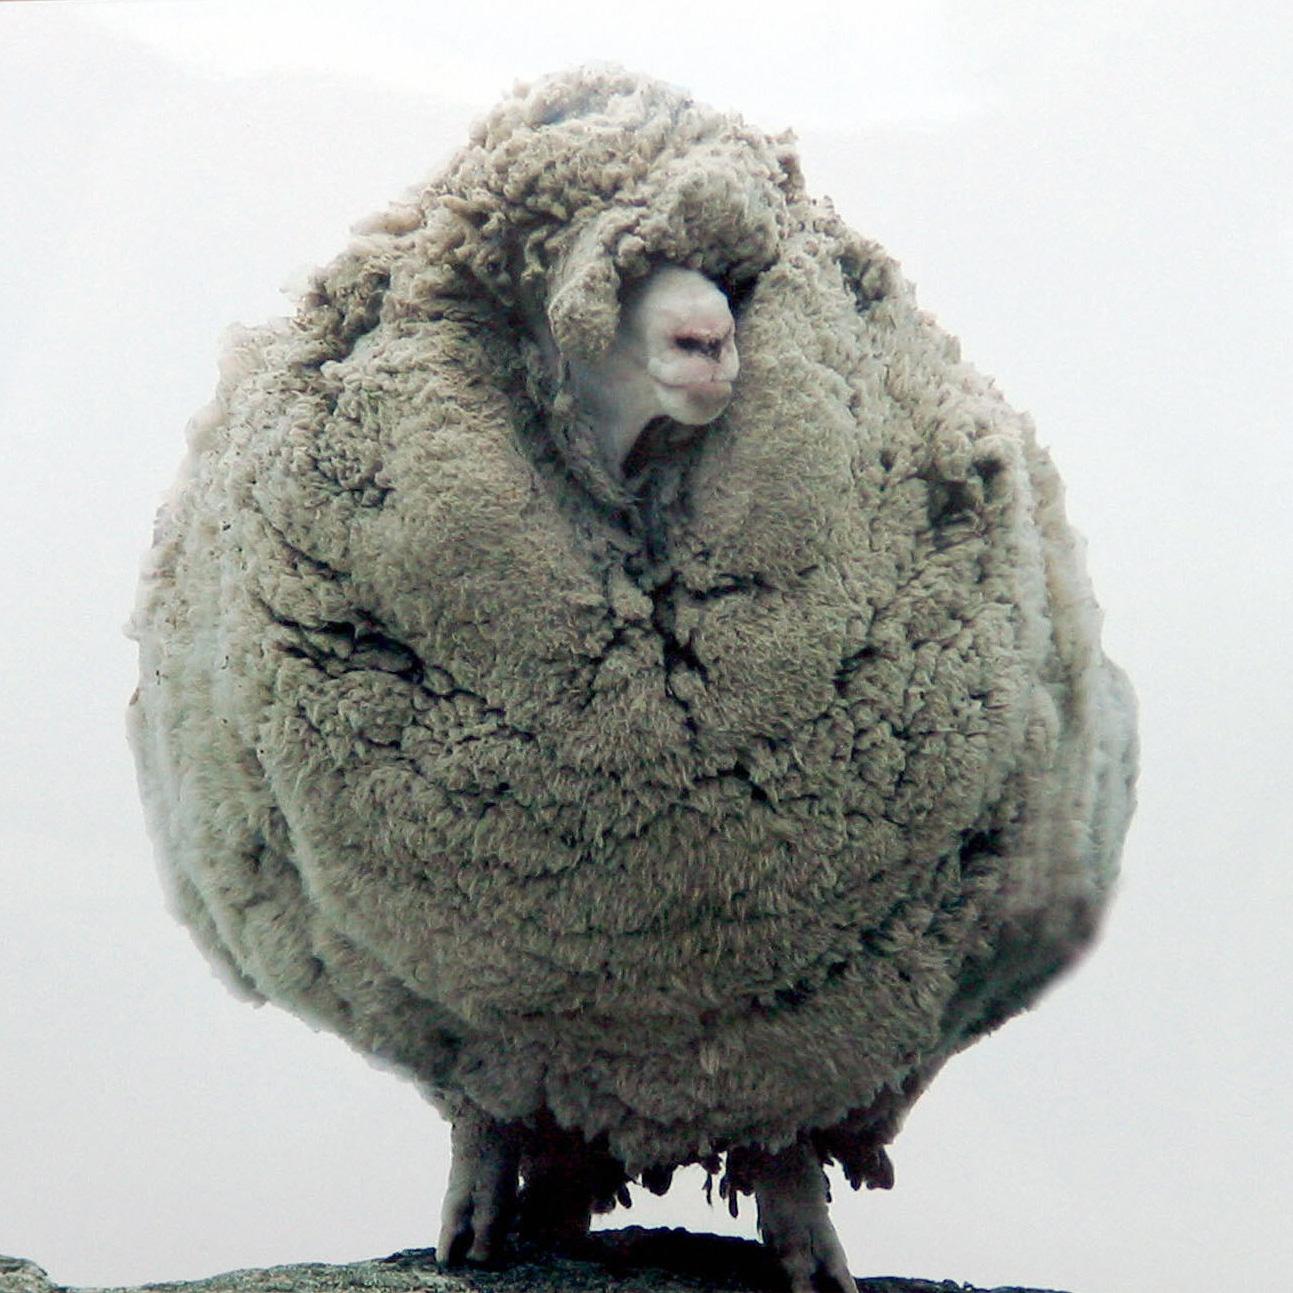 Shrek  , a  ovelha  que ficou sem ser tosquiada durante seis anos, tempo em que andou fugida. /   Shrek , a sheep thathid in a cave for six years without being shorn;